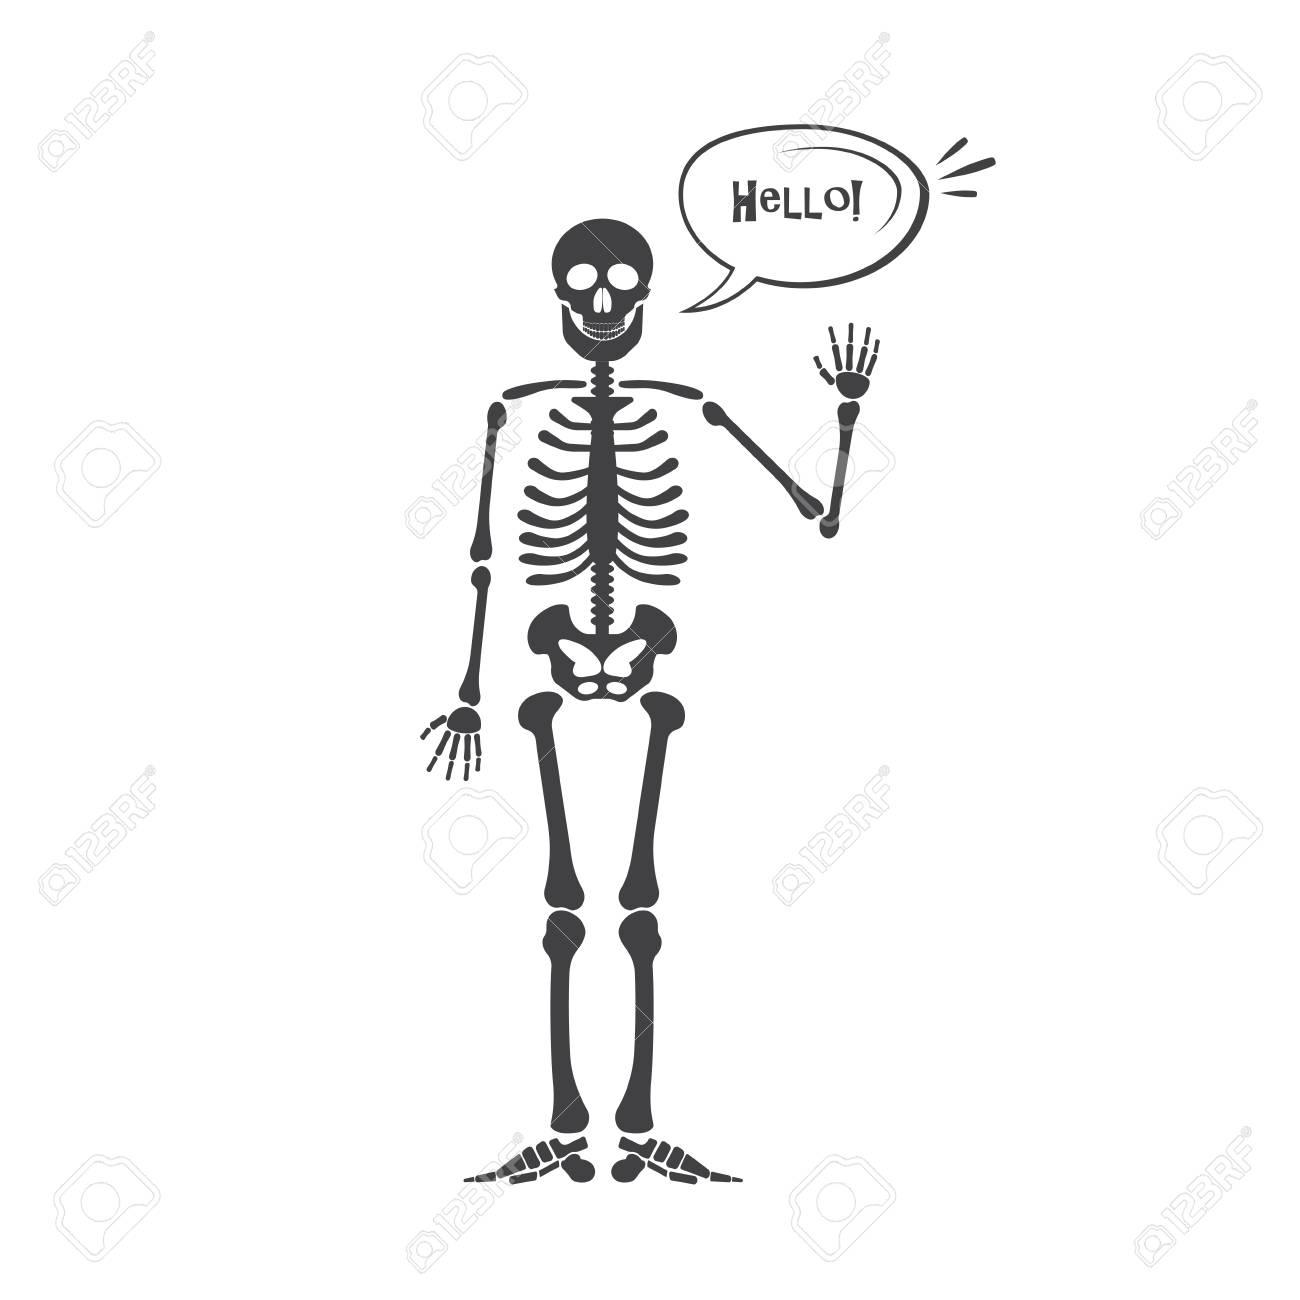 Skelet Voor Halloween.Skelet Menselijke Anatomie Vector Halloween Zwart Skelet Geisoleerd Op Wit Skelet Handteken Ok Vinger Omhoog Vinger Omlaag Vuist Middelvinger